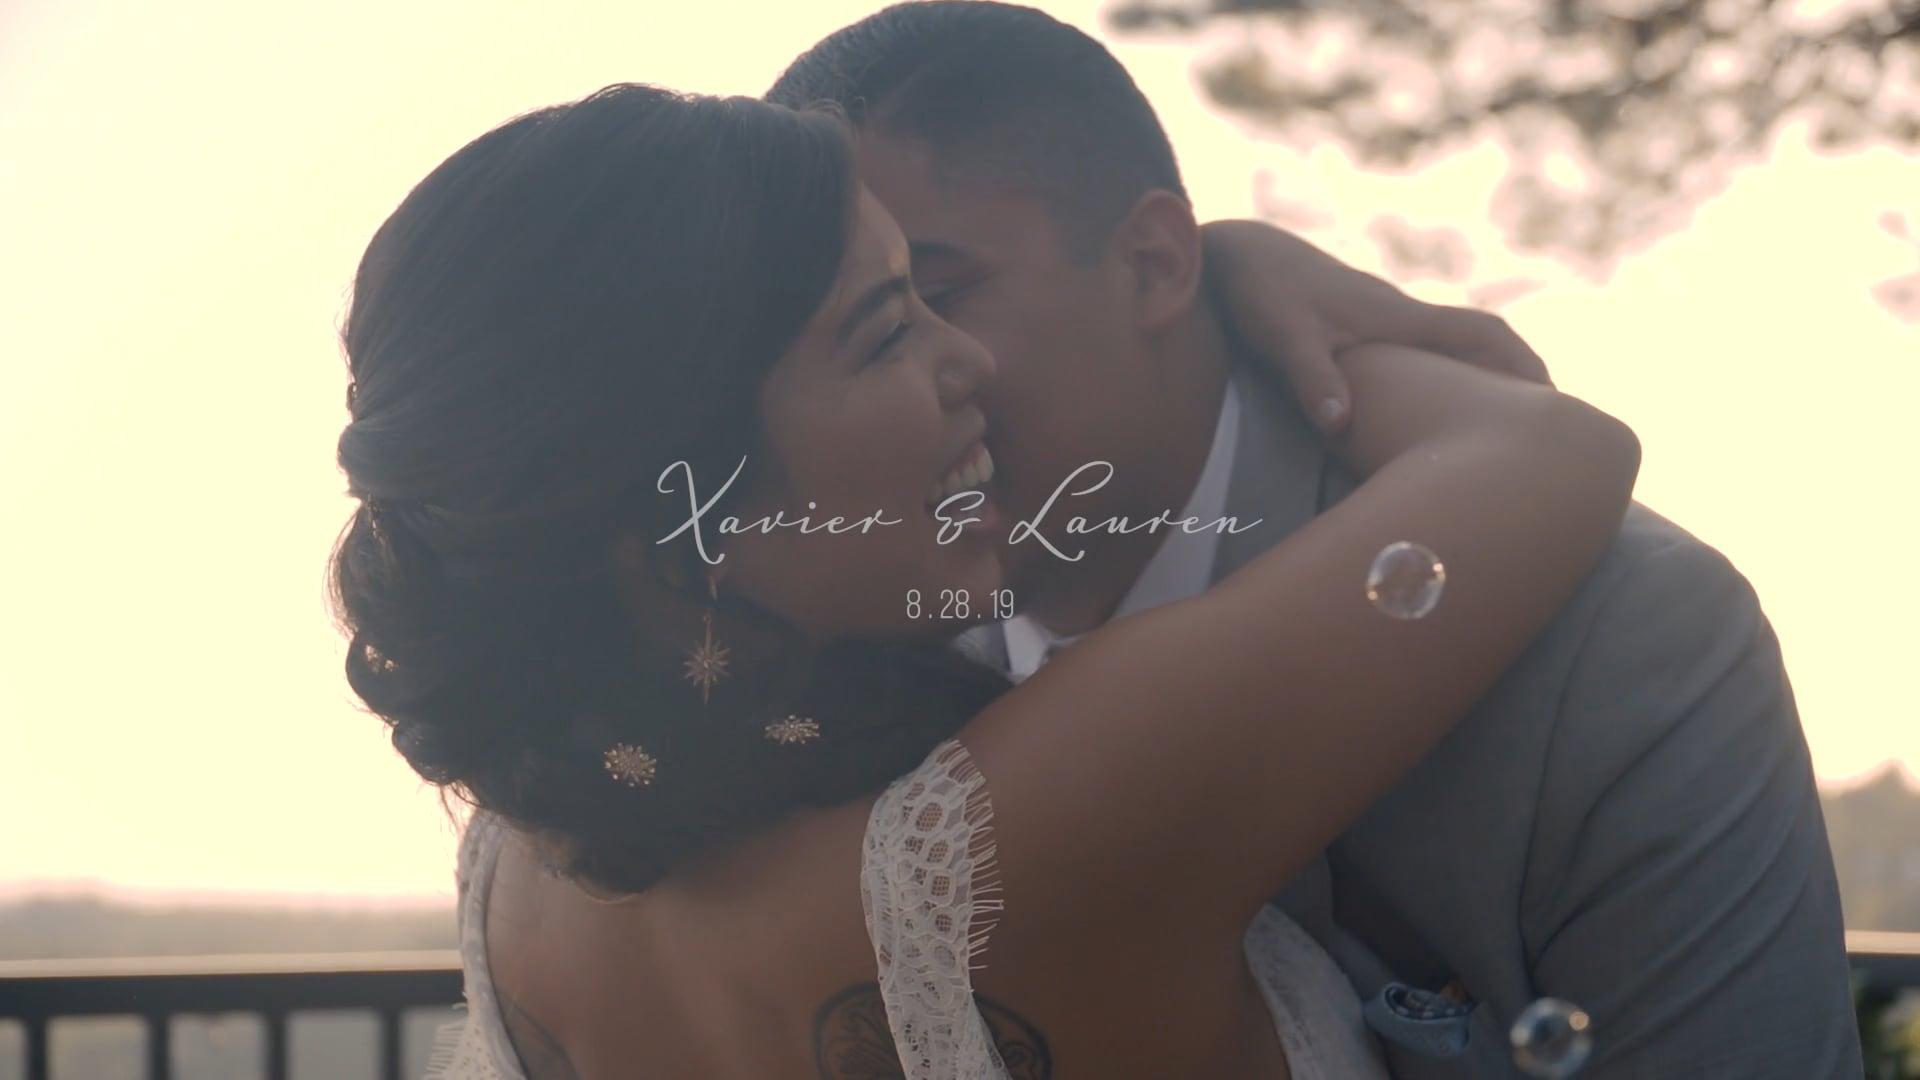 Xavier & Lauren Wedding Film